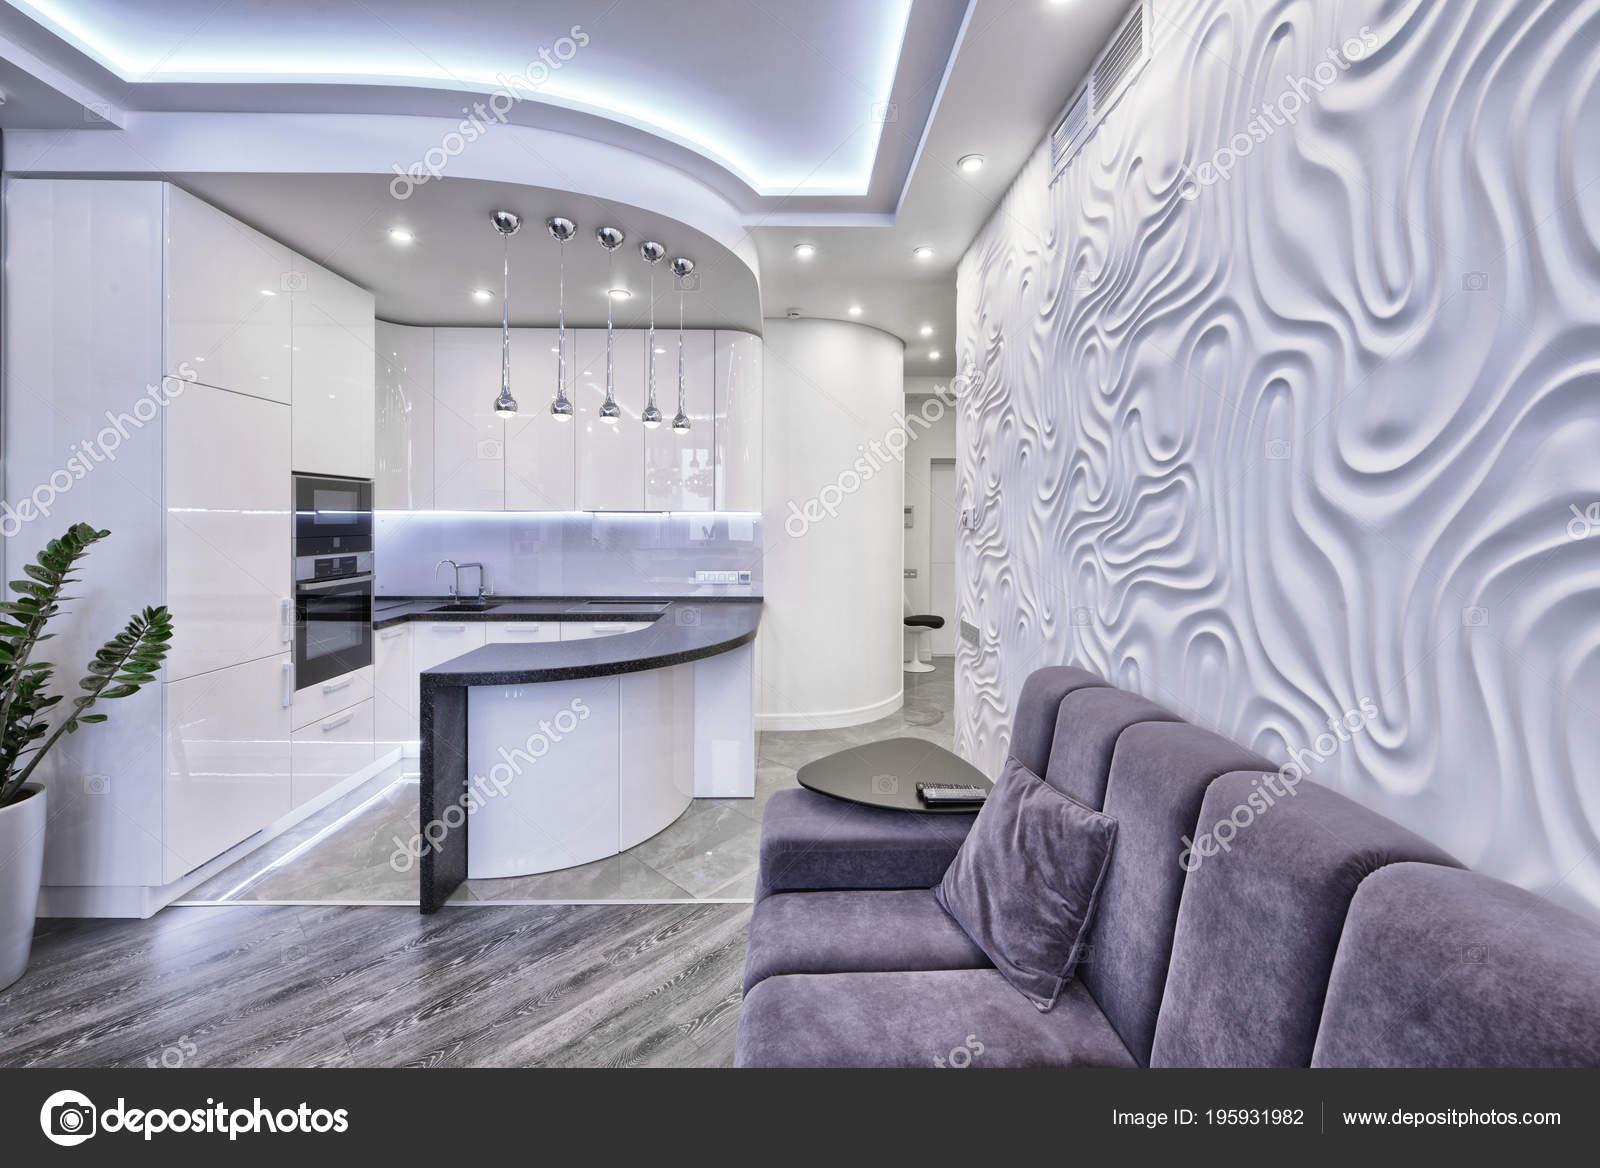 Interni dal design moderno con cucina bianca lucida lussuoso